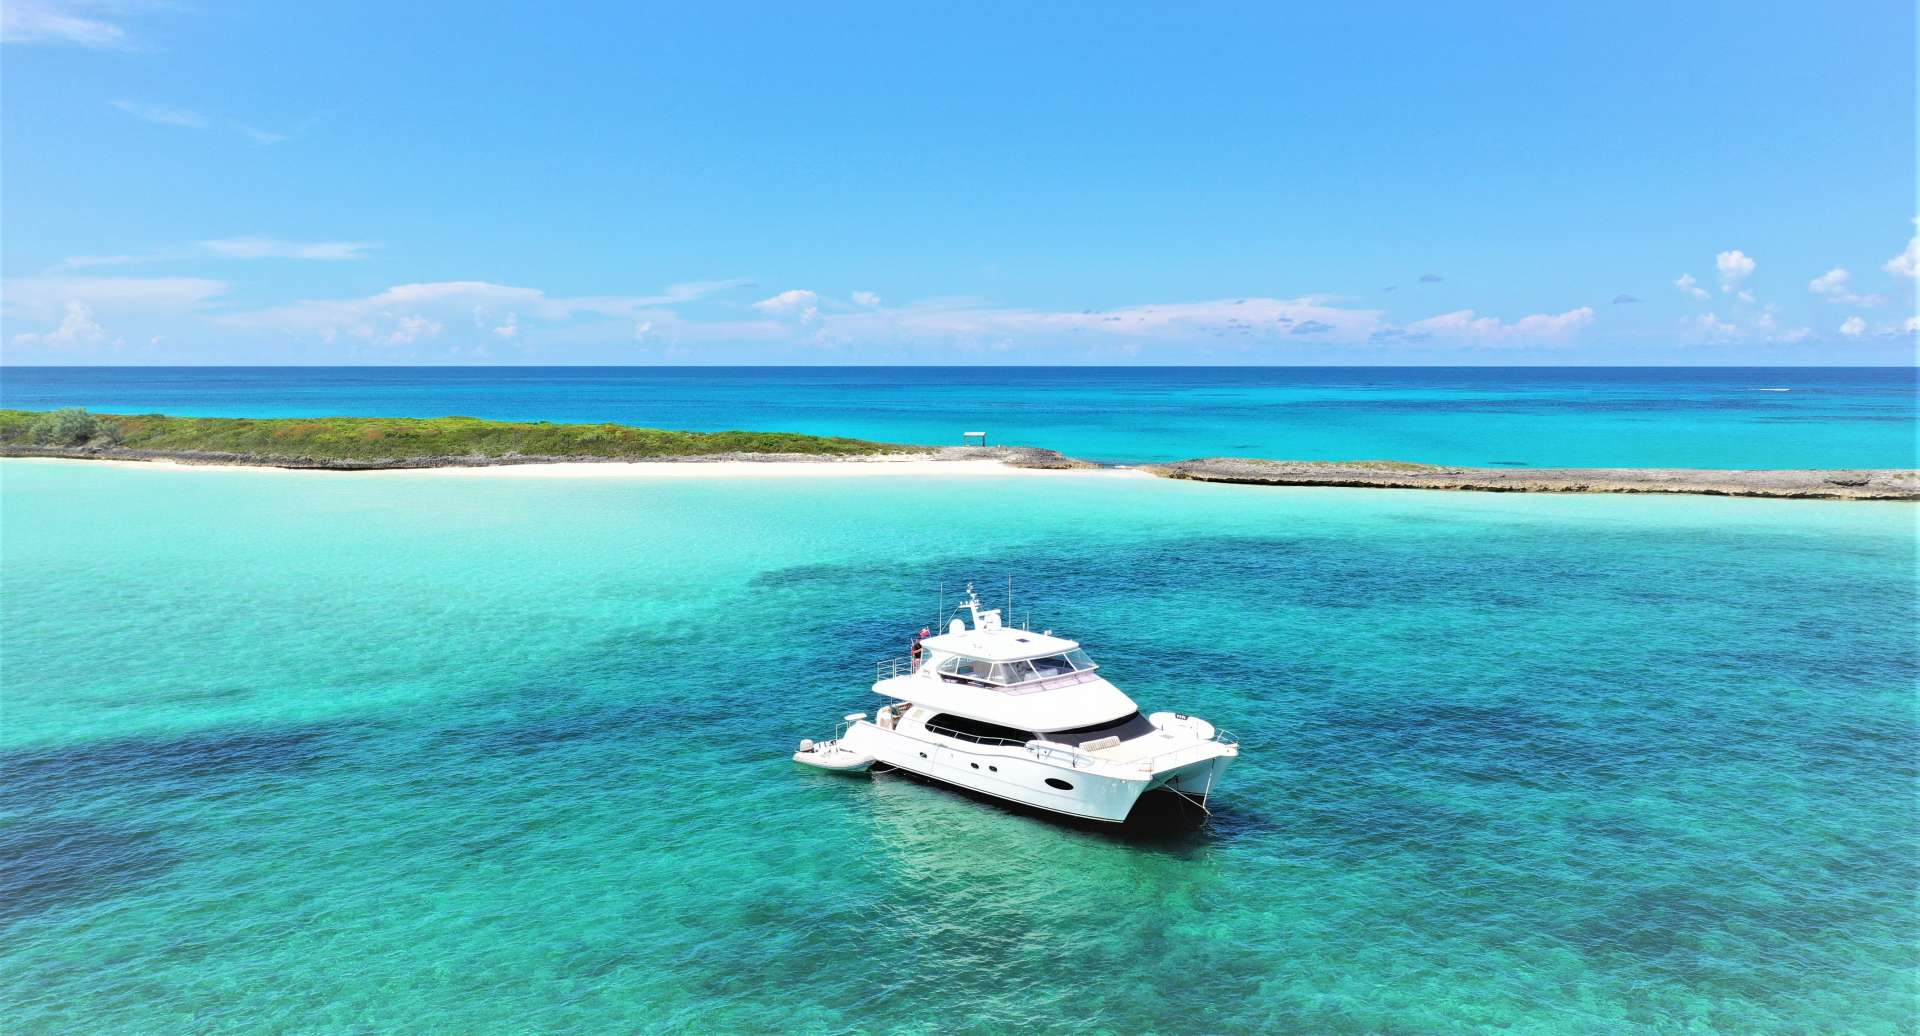 Main image of OHANA yacht